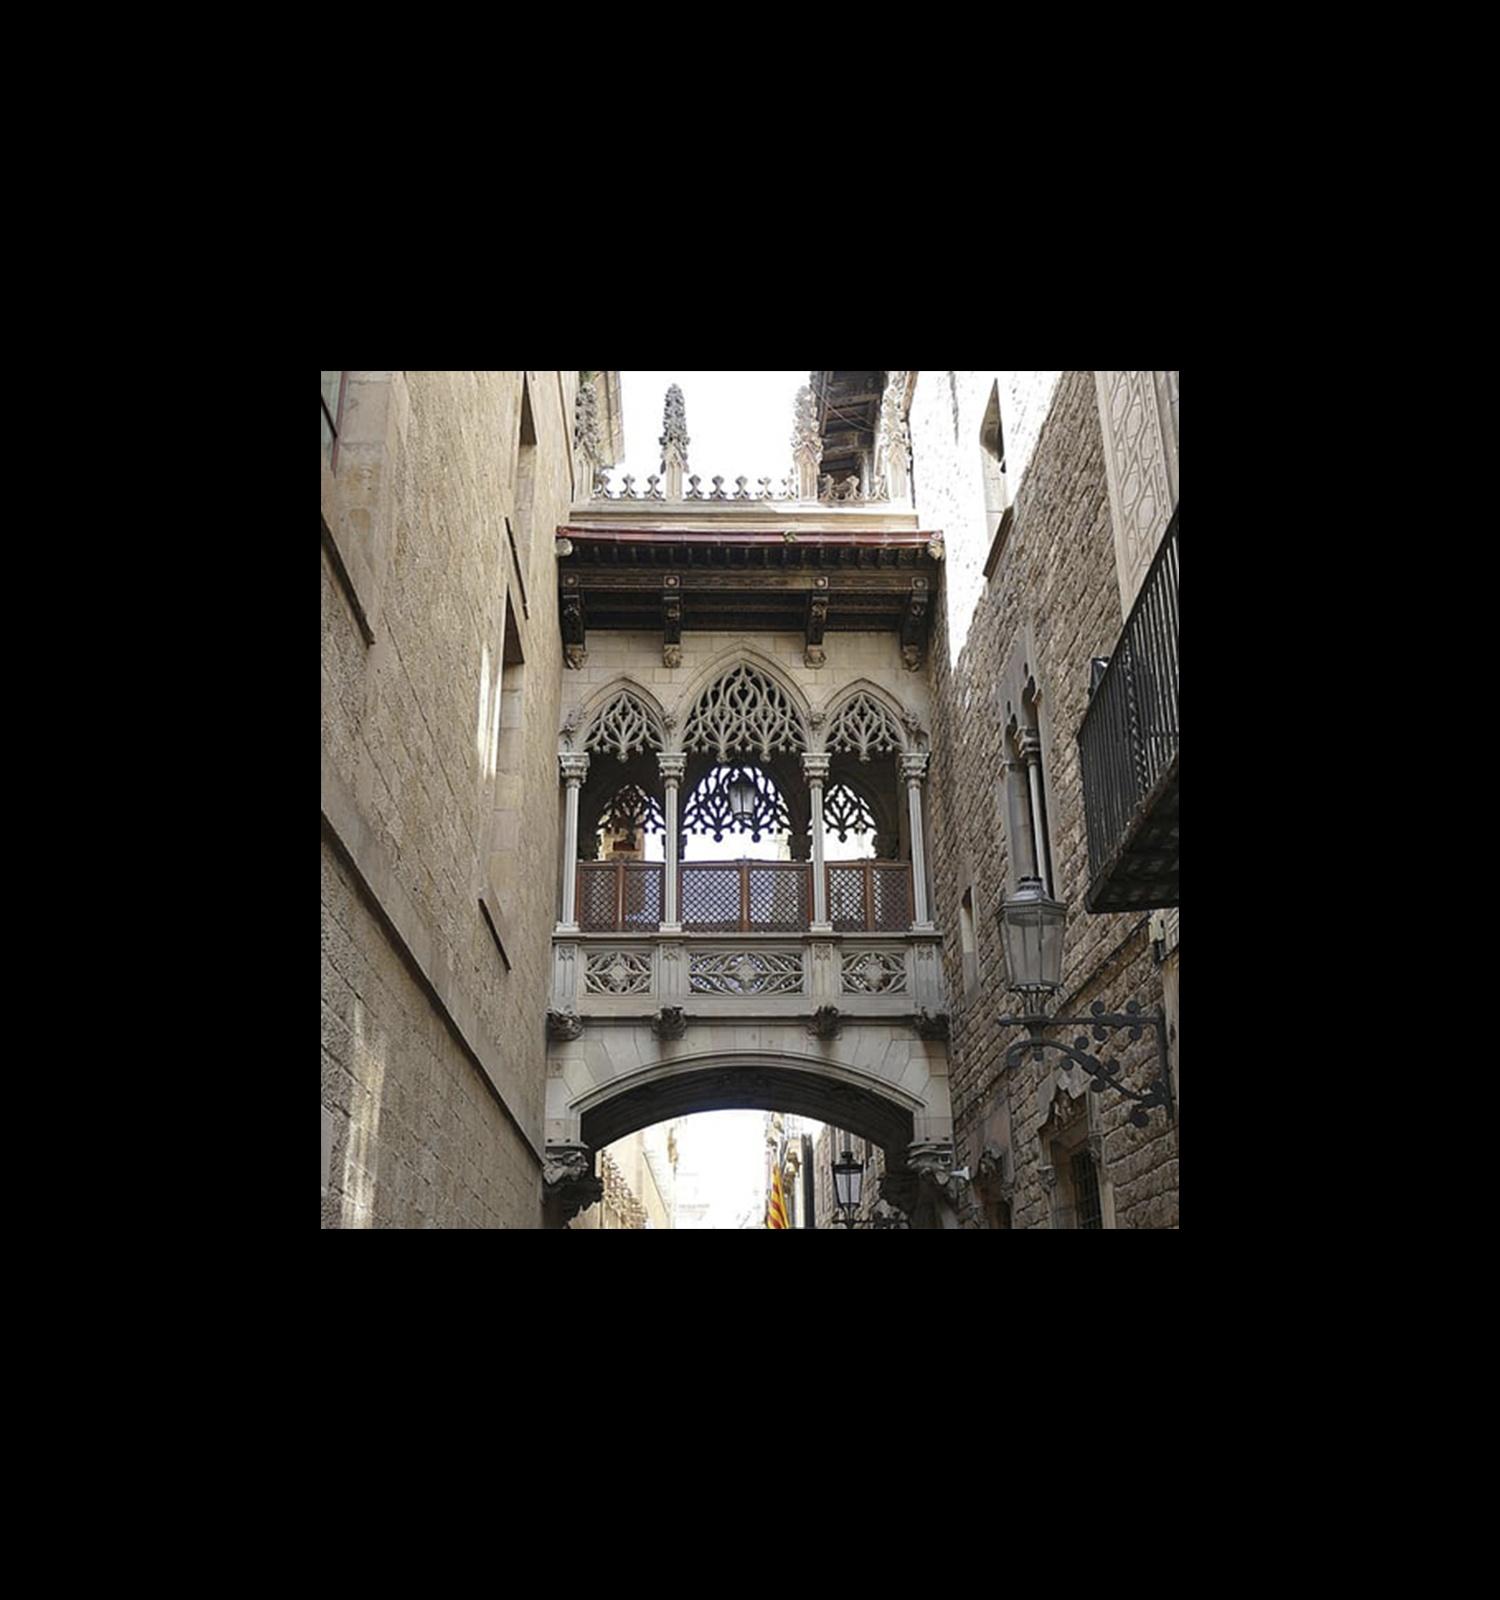 El barri gòtic: reconstrucció o invenció?